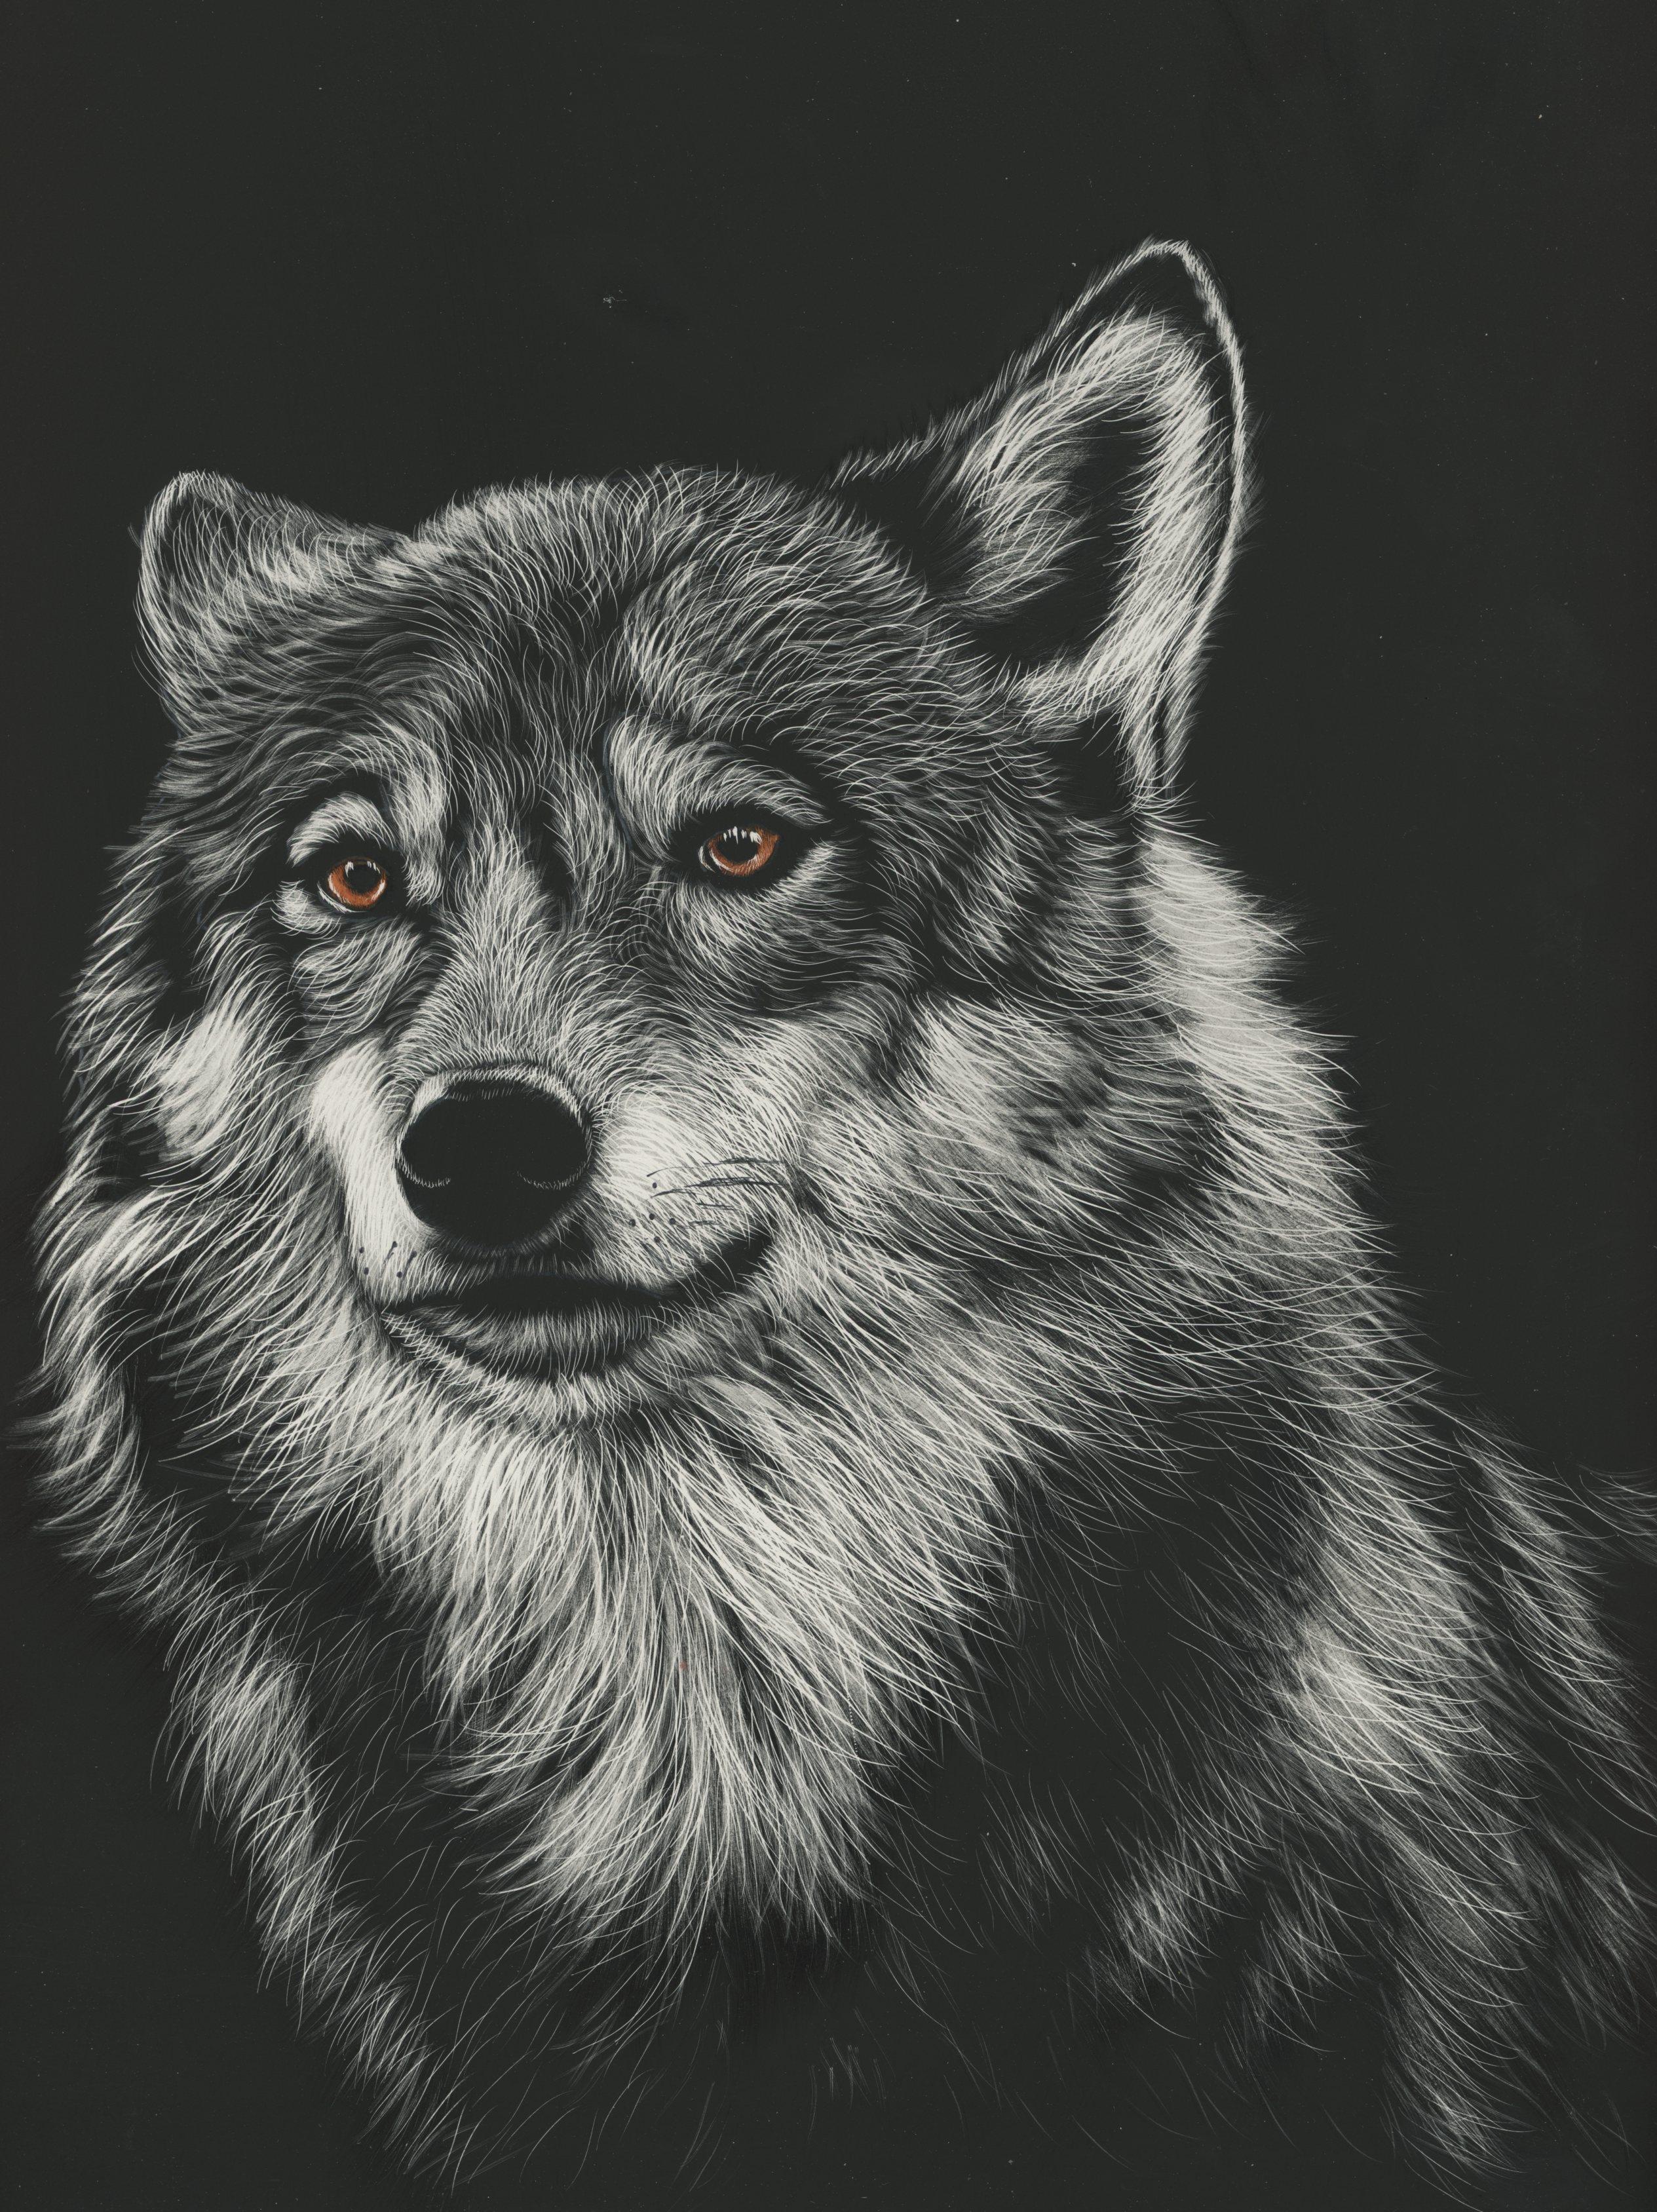 61646 Hintergrundbild herunterladen Zeichnung, Kunst, Bild, Raubtier, Predator, Wolf, Kopf - Bildschirmschoner und Bilder kostenlos